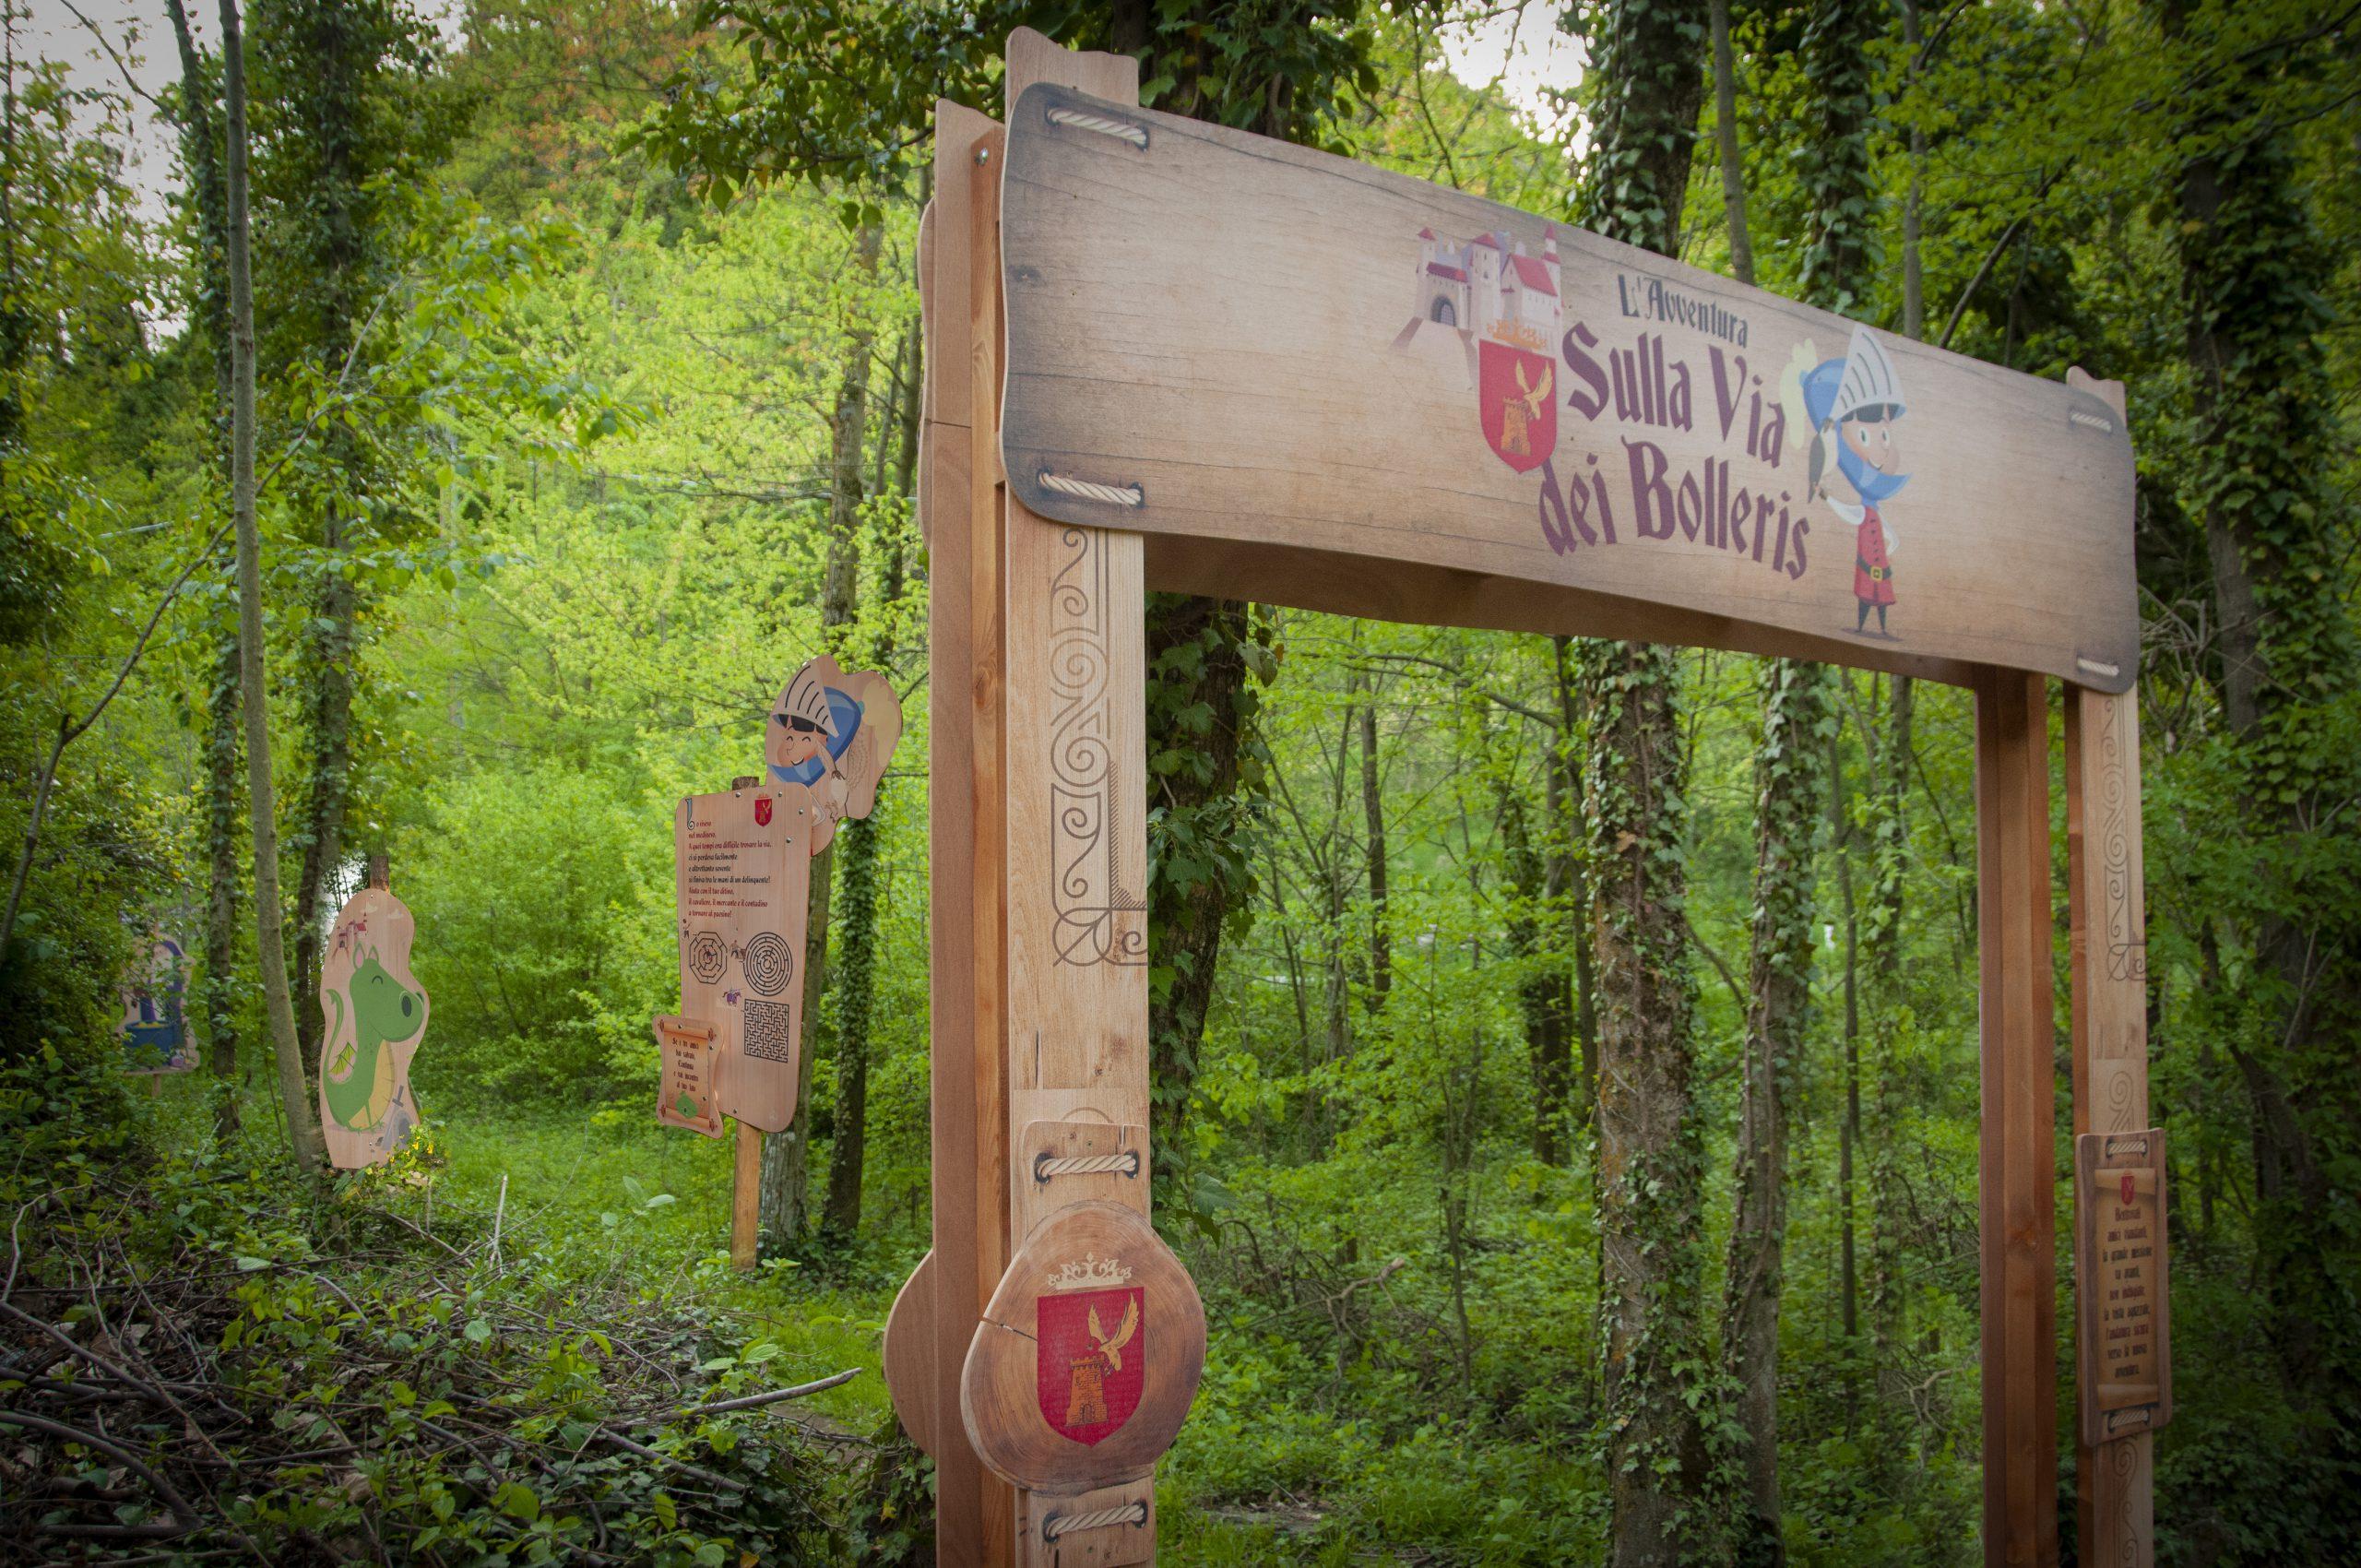 parco didattico e tematico in legno nel bosco